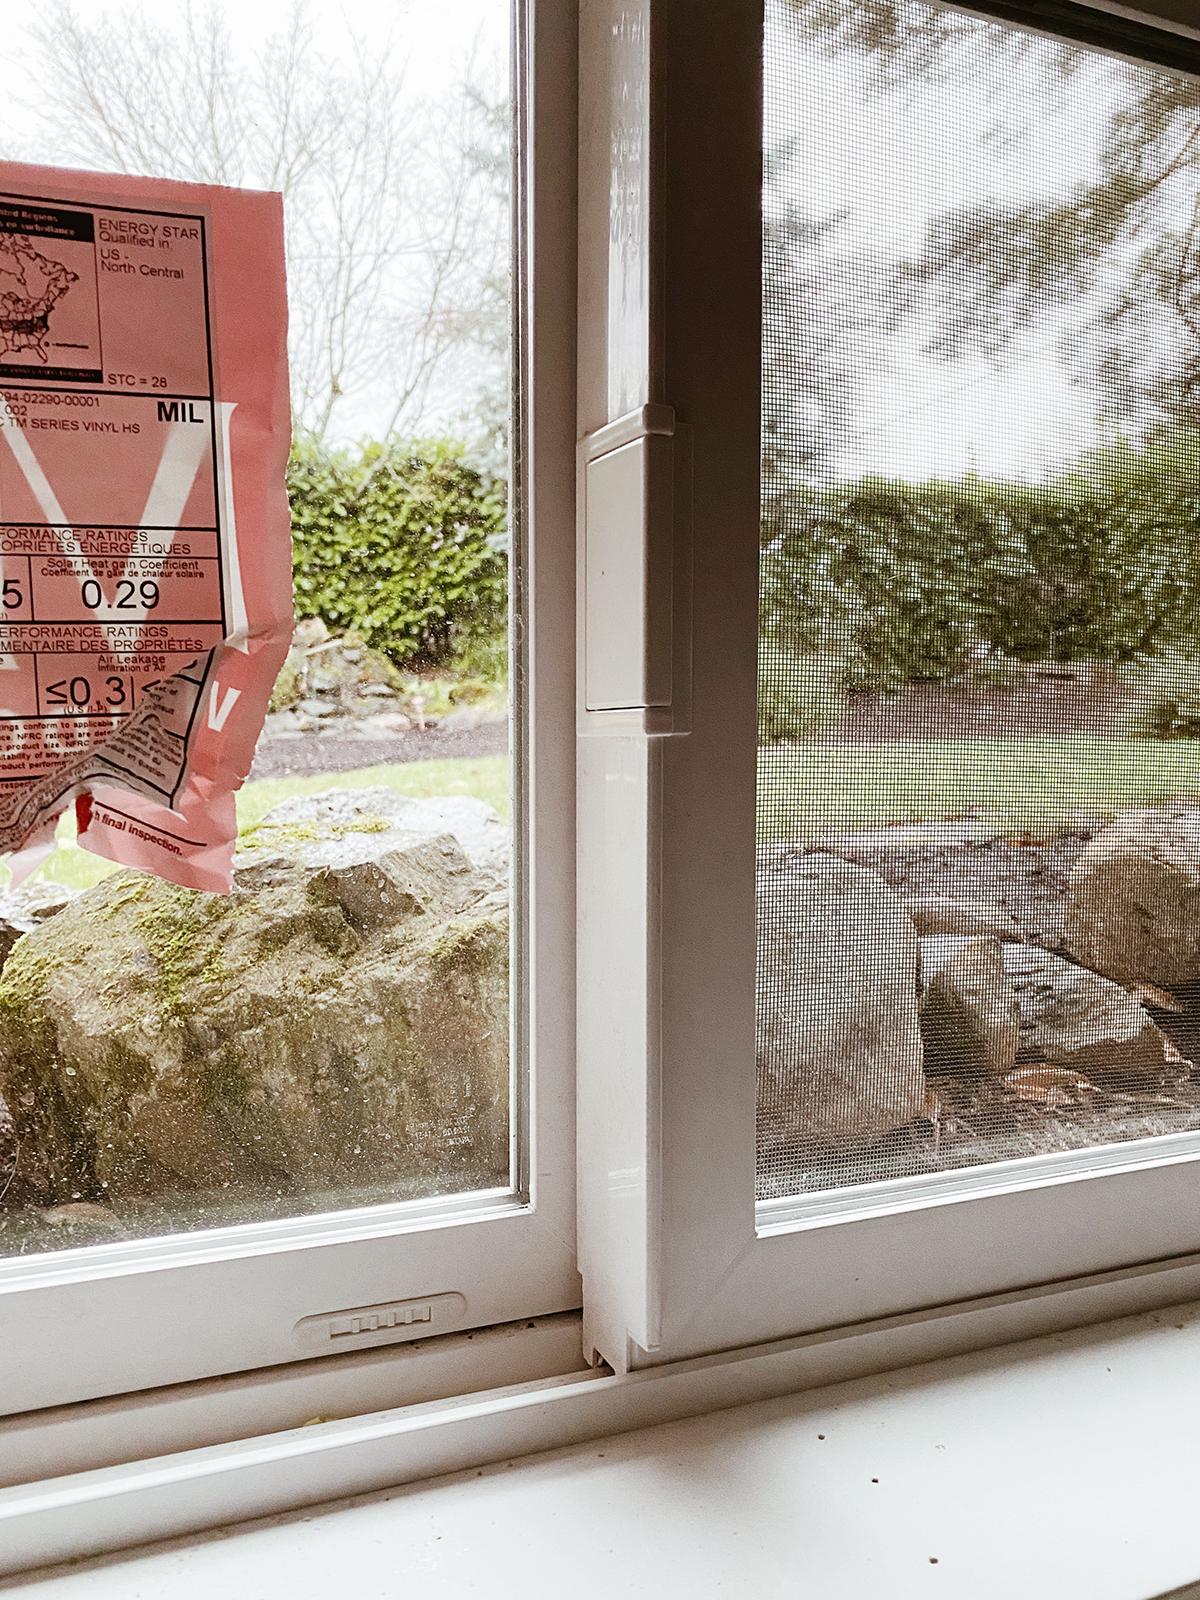 лучшие окна для перестройки подвала - milgard trinsic series